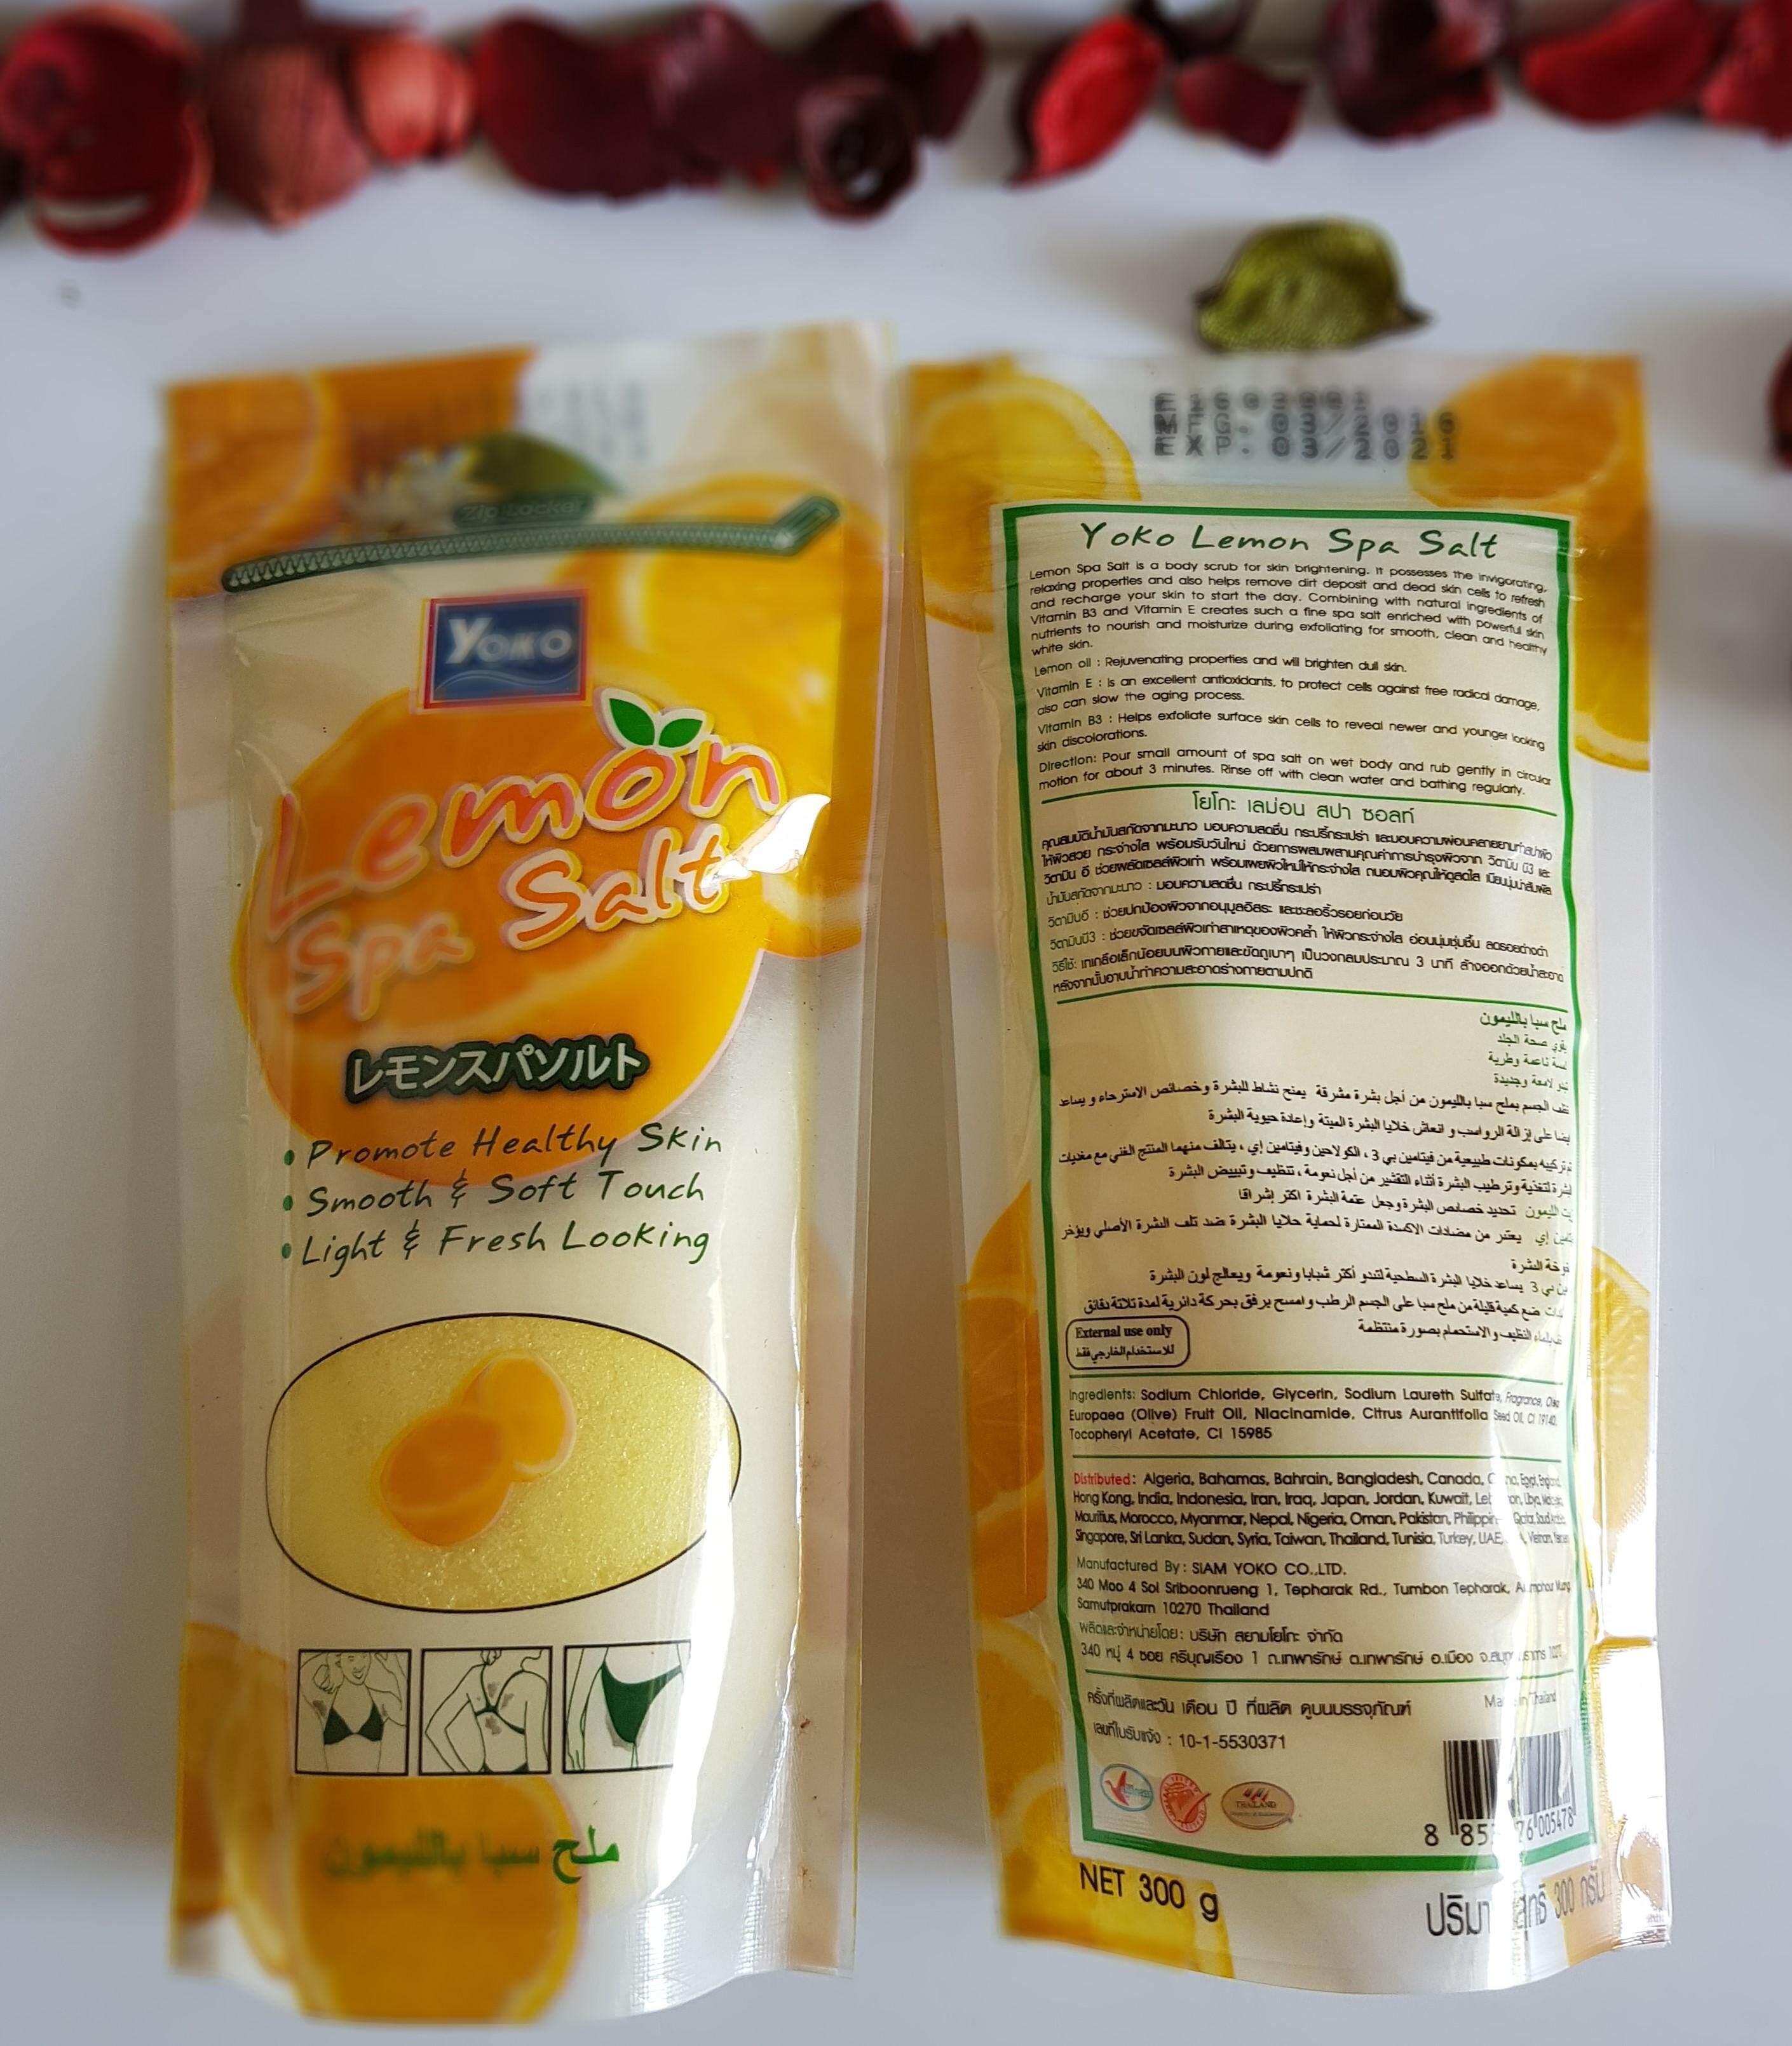 YoKo, YoKo Lemon Spa Salt, YoKo Lemon Spa Salt รีวิว, YoKo Lemon Spa Salt ราคา, YoKo Lemon Spa Salt 300 g., YoKo Lemon Spa Salt 300 g. เกลือสปาขัดผิว